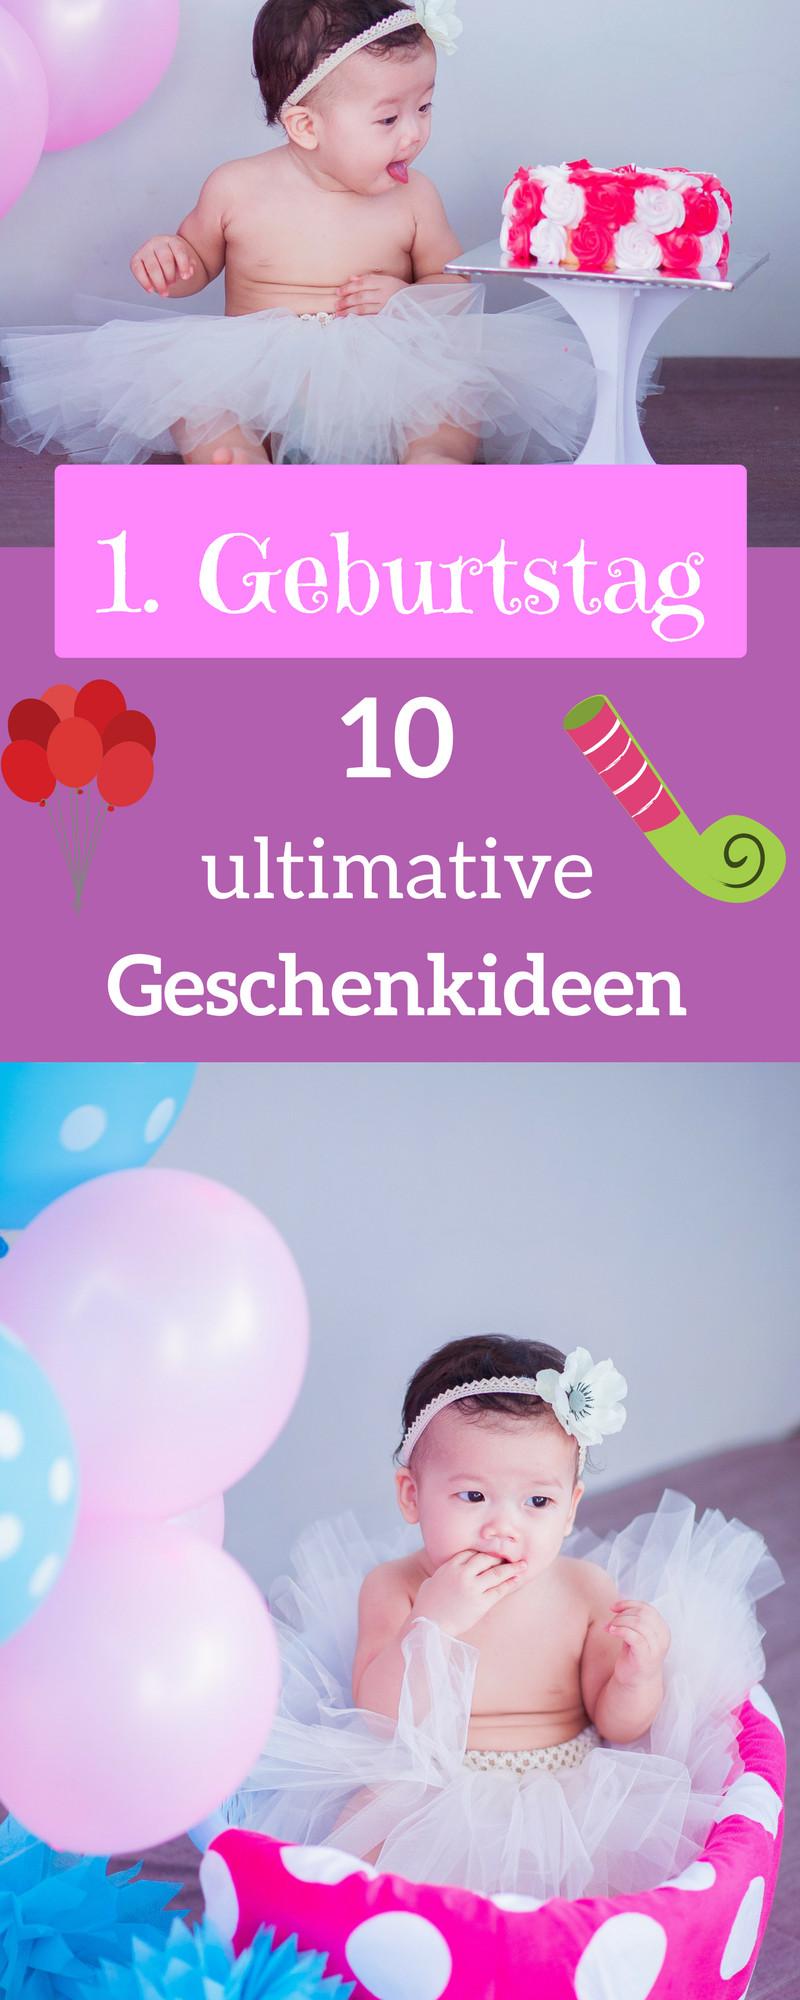 Geschenke Zum 1. Geburtstag Mädchen  Geschenke zum ersten Geburtstag für Mädchen und Jungen